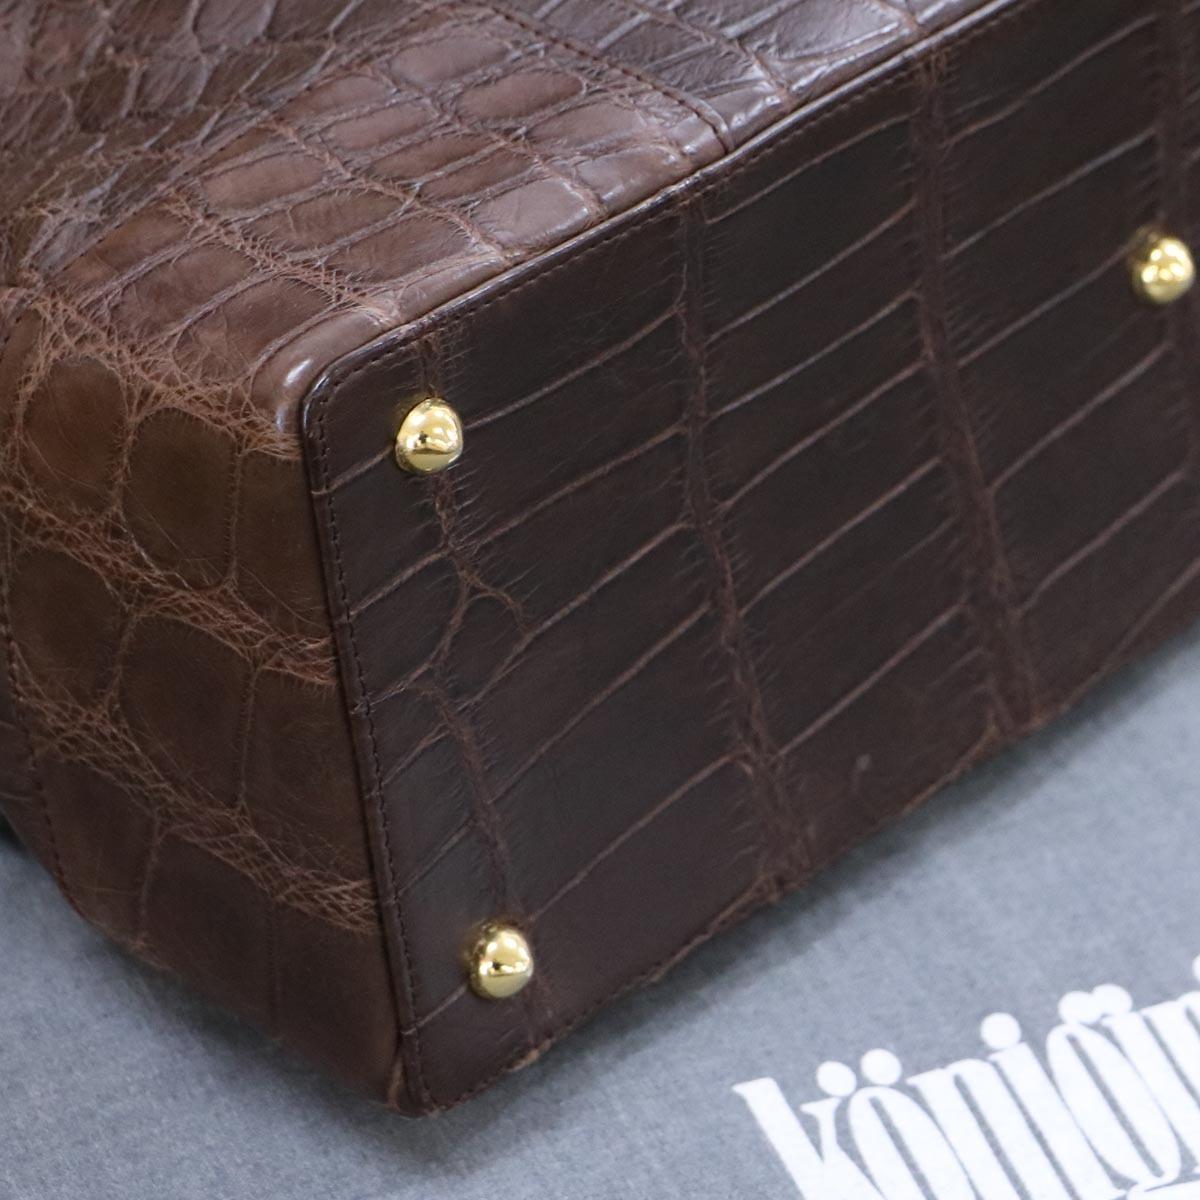 本物 極上品 クーニギン 最高級マットクロコダイルレザートートバッグ 総ワニ革 クロコレザーショルダーバッグ 袋 冊子付 KONIGIN_画像7